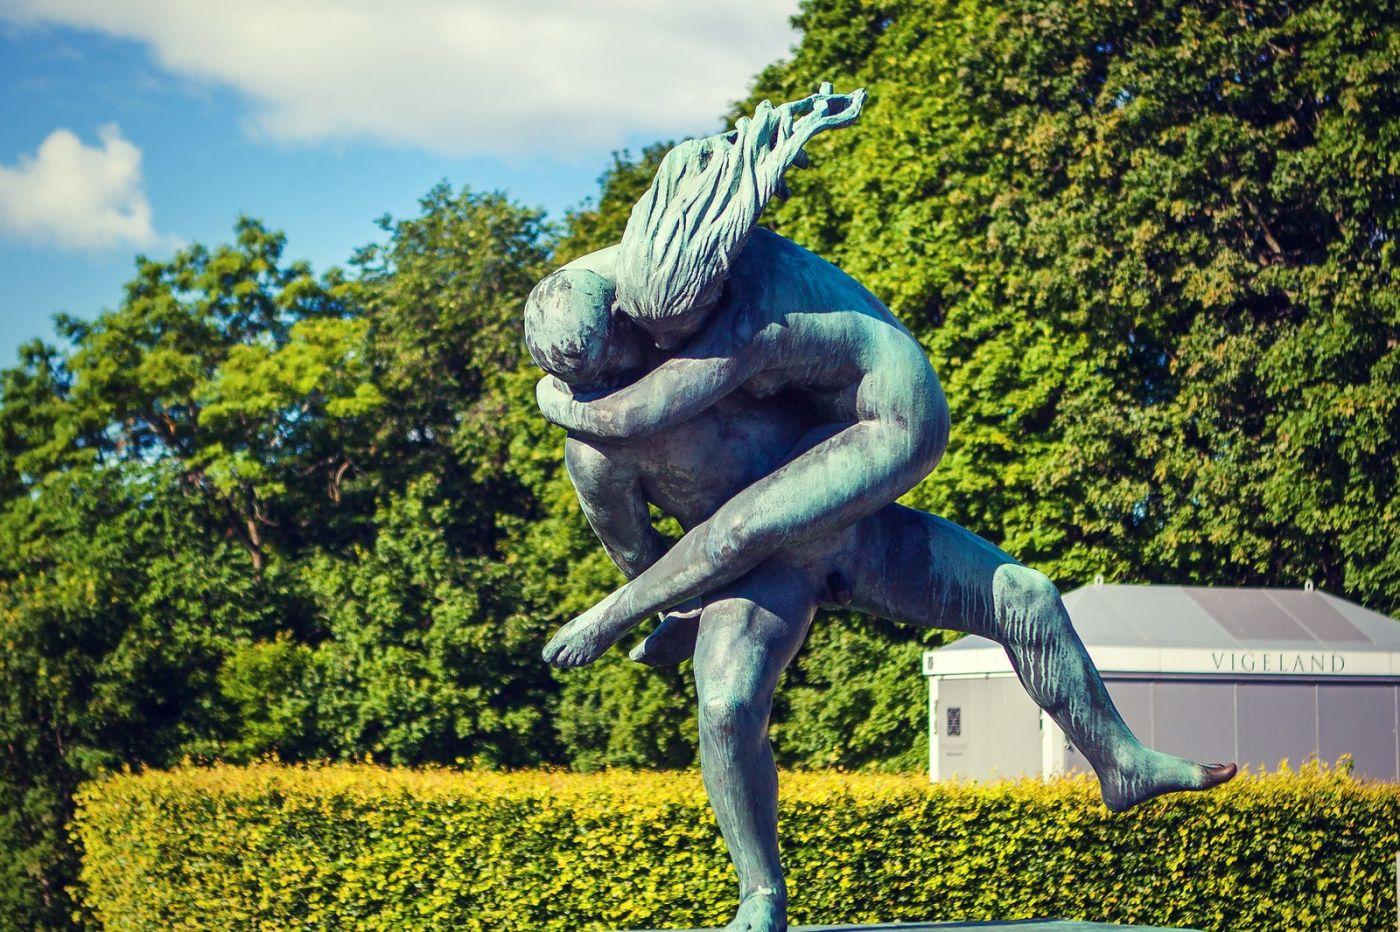 挪威维格兰雕塑公园,风格明显_图1-3